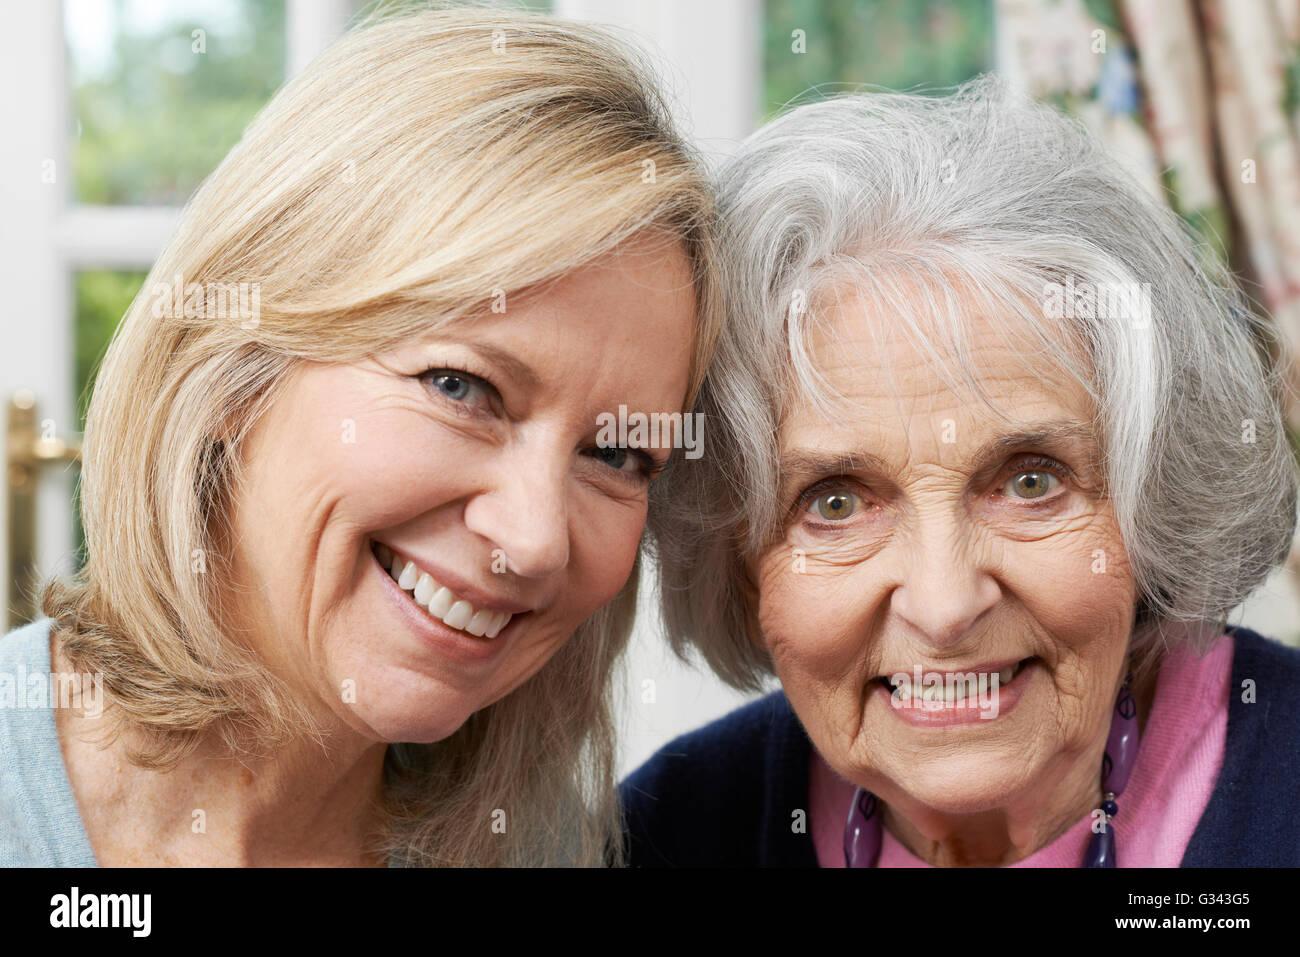 Porträt von Senior Mutter und Erwachsene Tochter Stockfoto